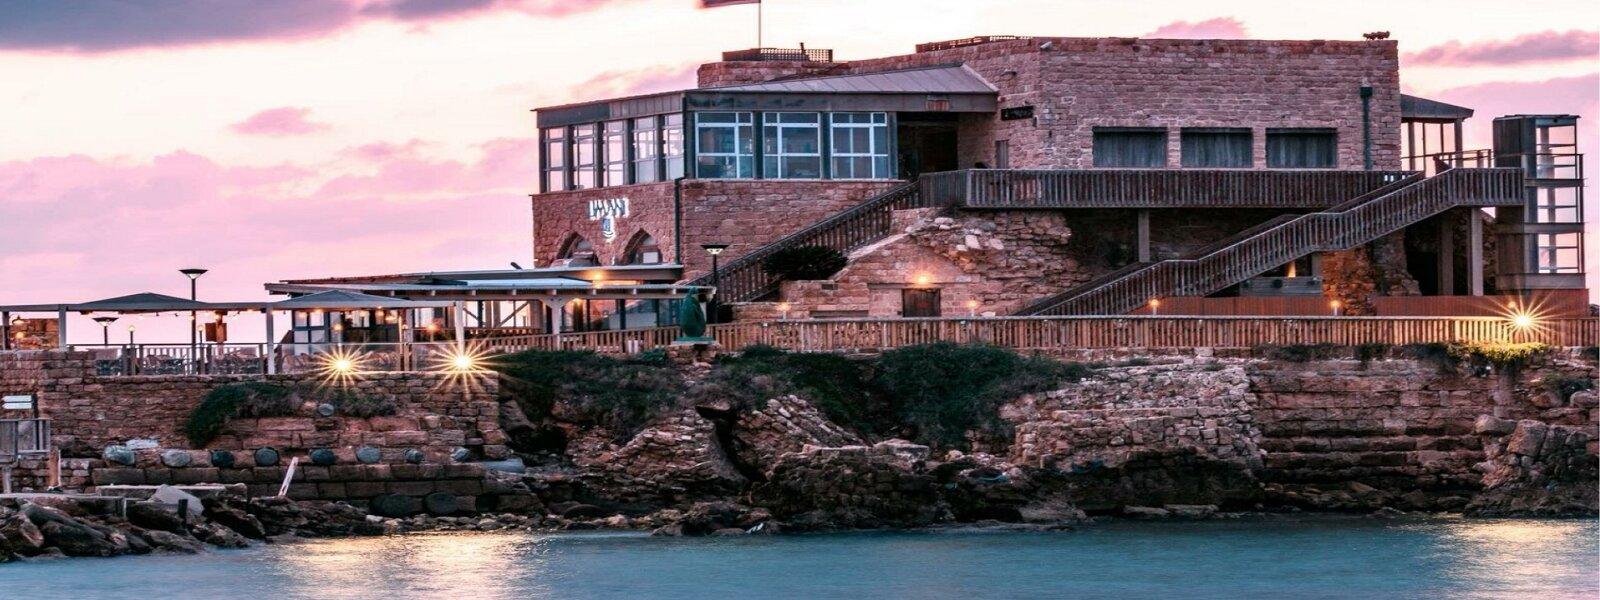 לימאני-נמל קיסריה- מסעדה לאירועים - על הים, נמל.